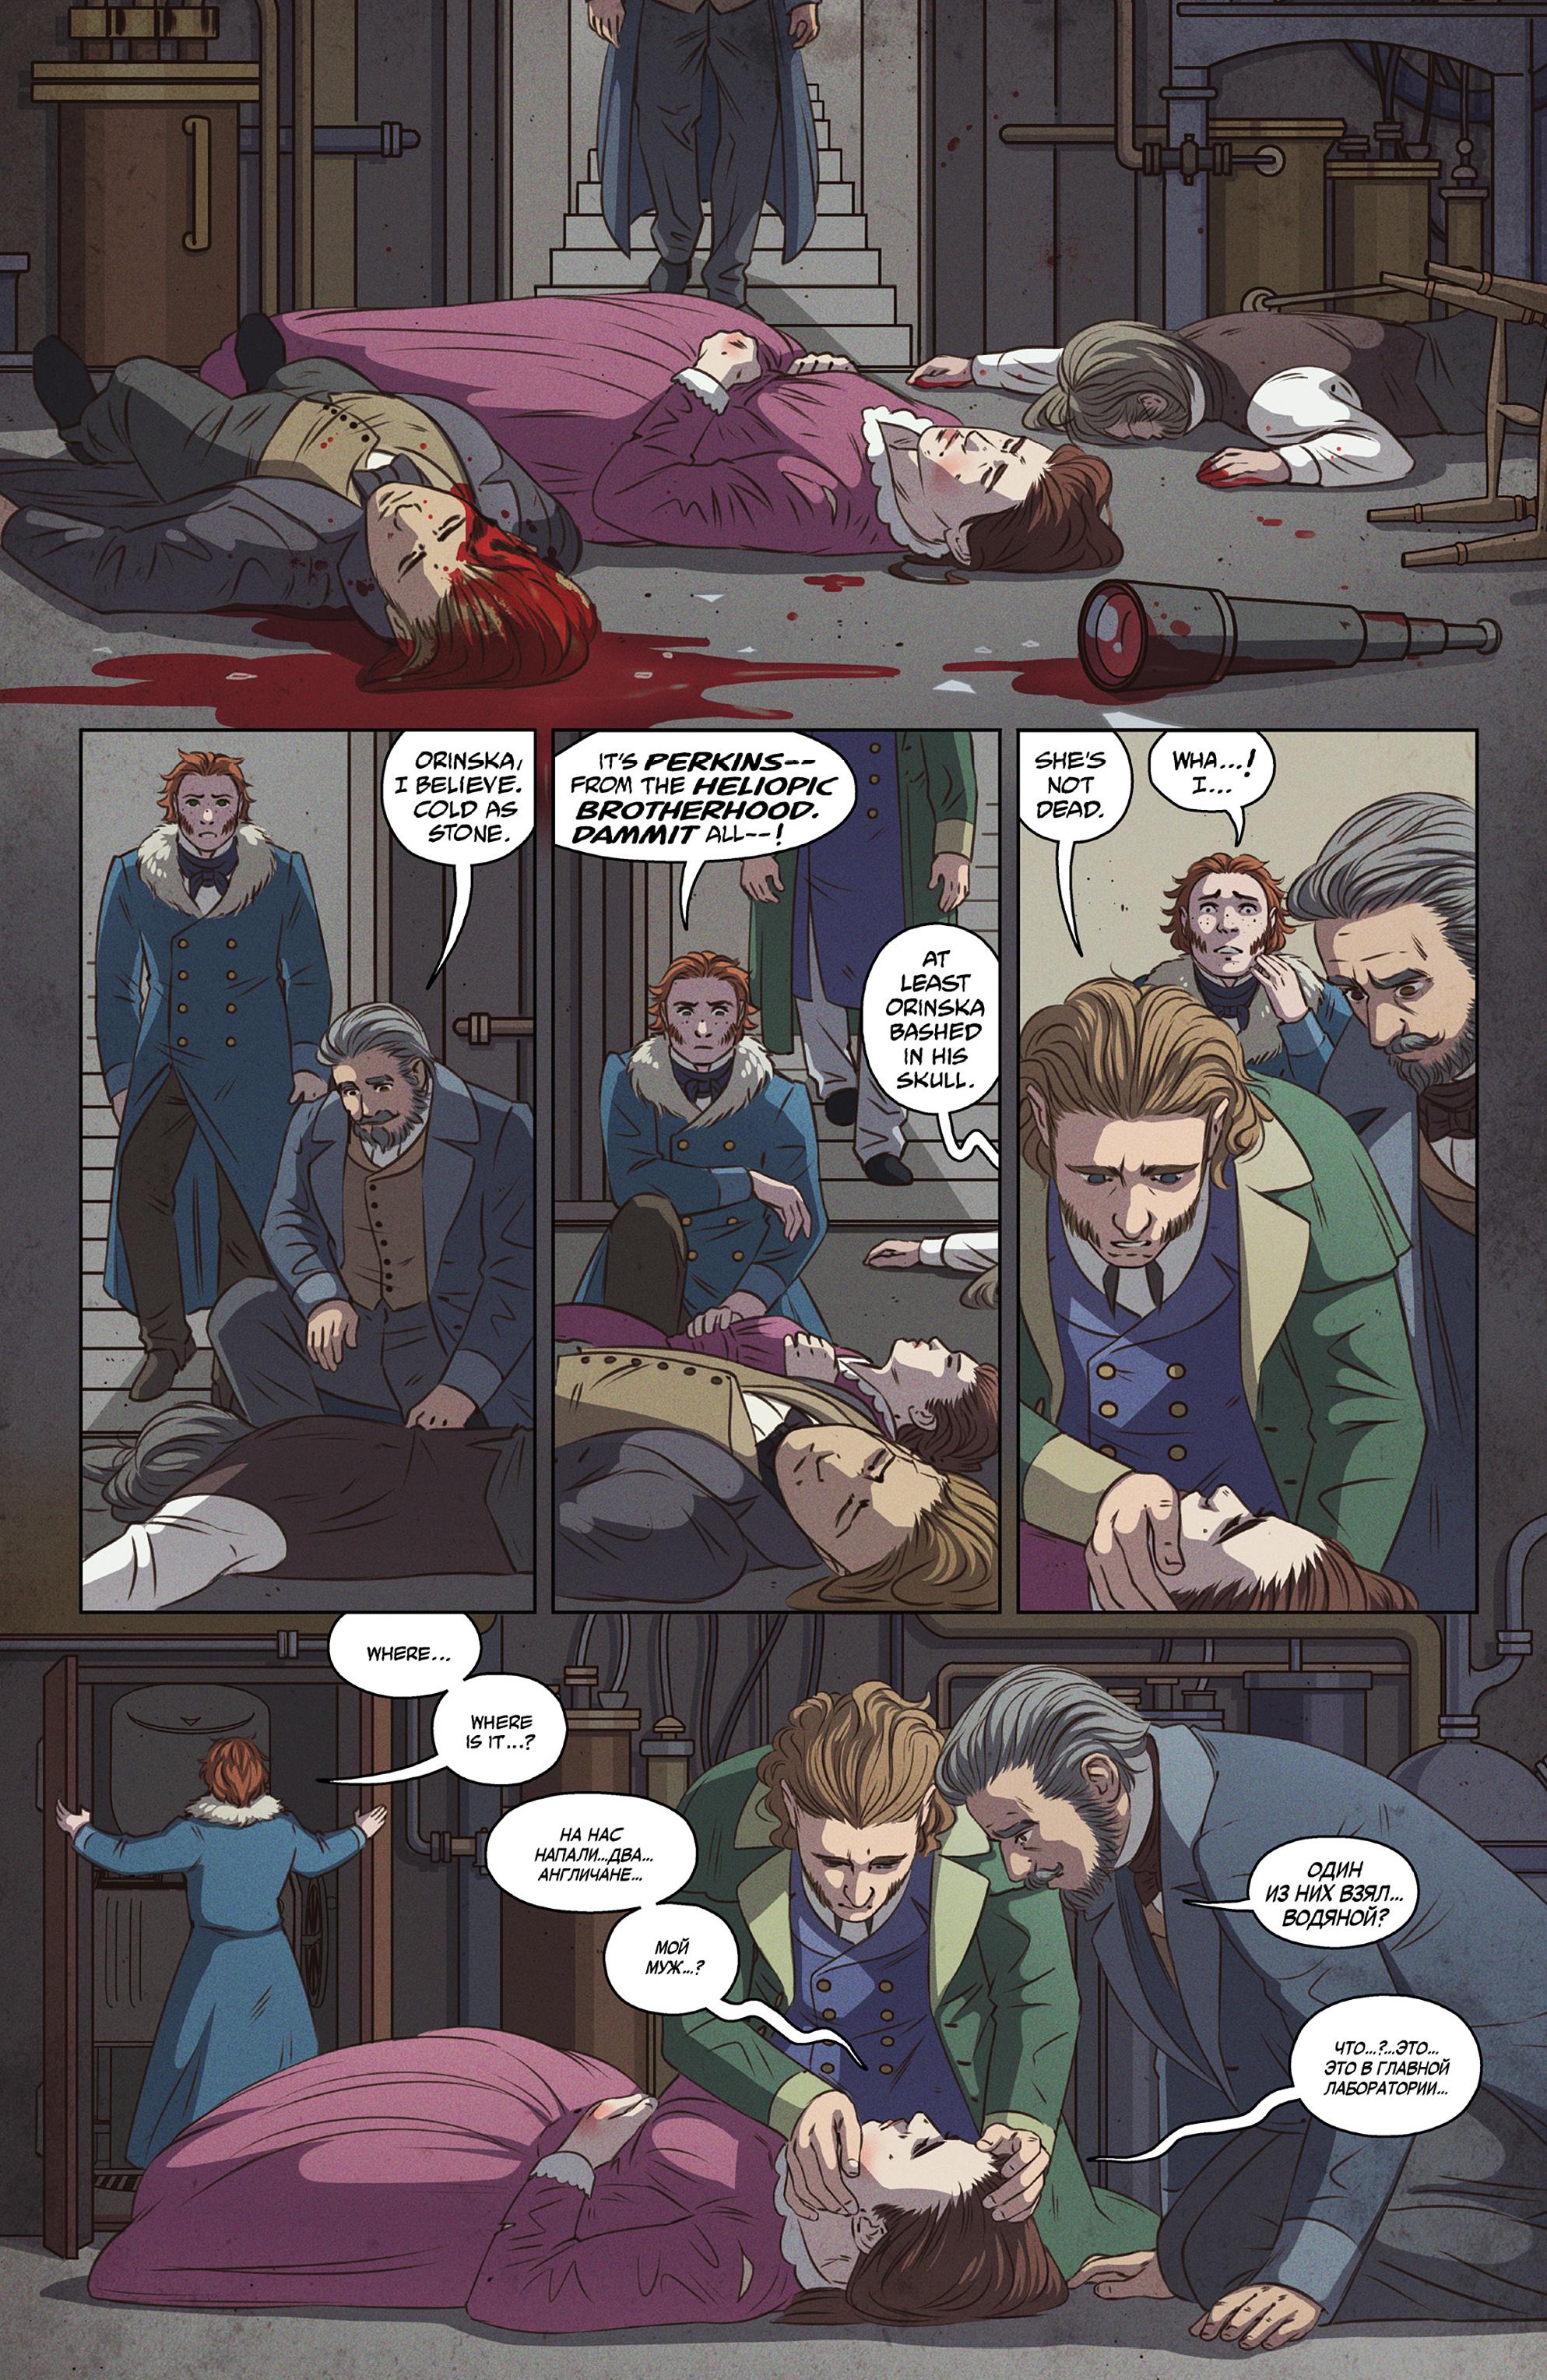 Read online Abe Sapien comic -  Issue #27 - 15